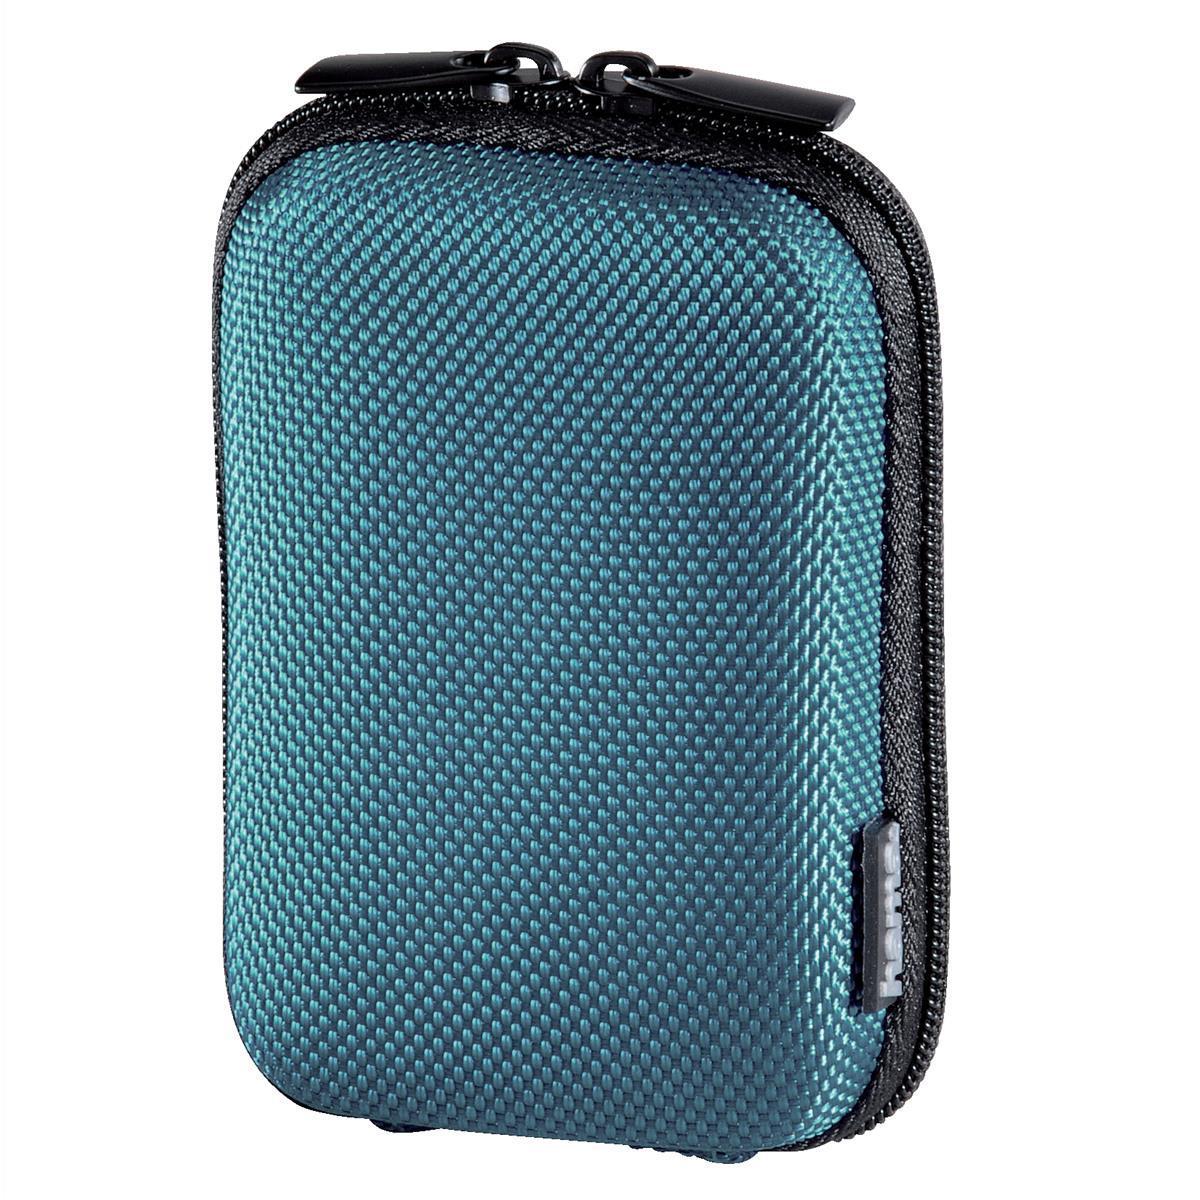 Image for Hama Hardcase Camera Bag 40G Blue